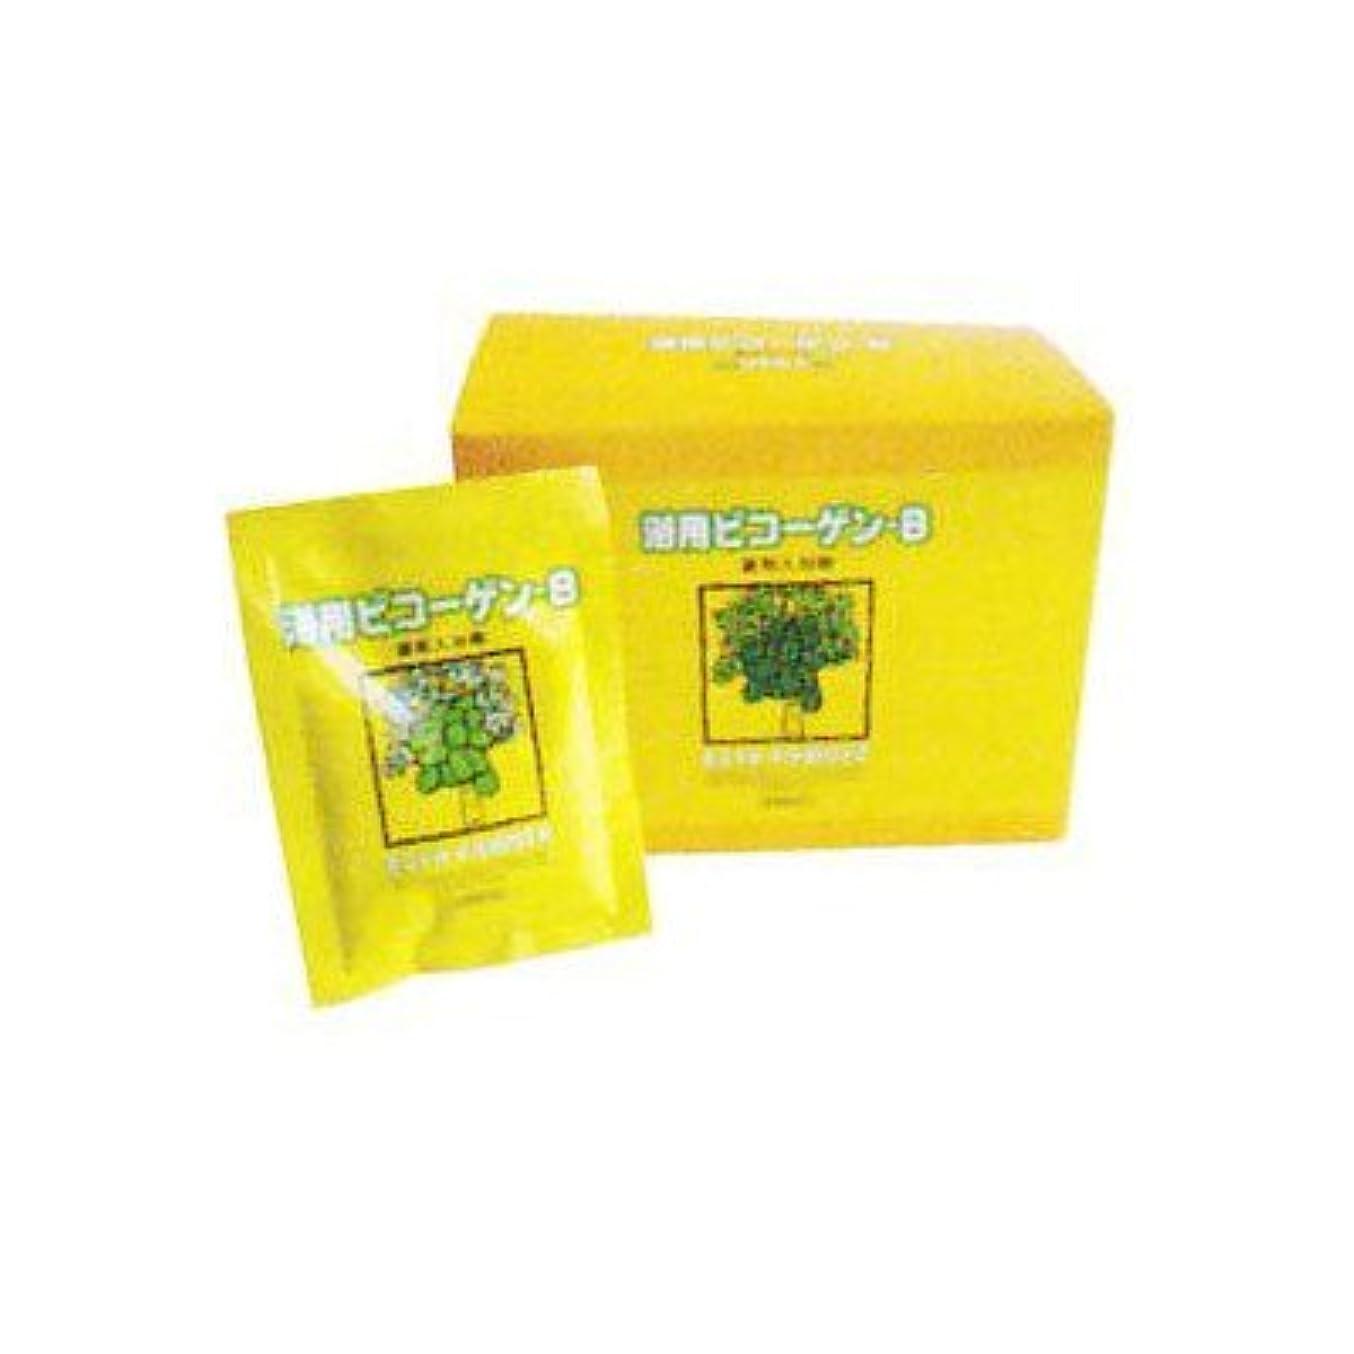 強調欲望割り当てる酸素入浴剤 リアル 浴用 ビコーゲン B 分包タイプ a221074